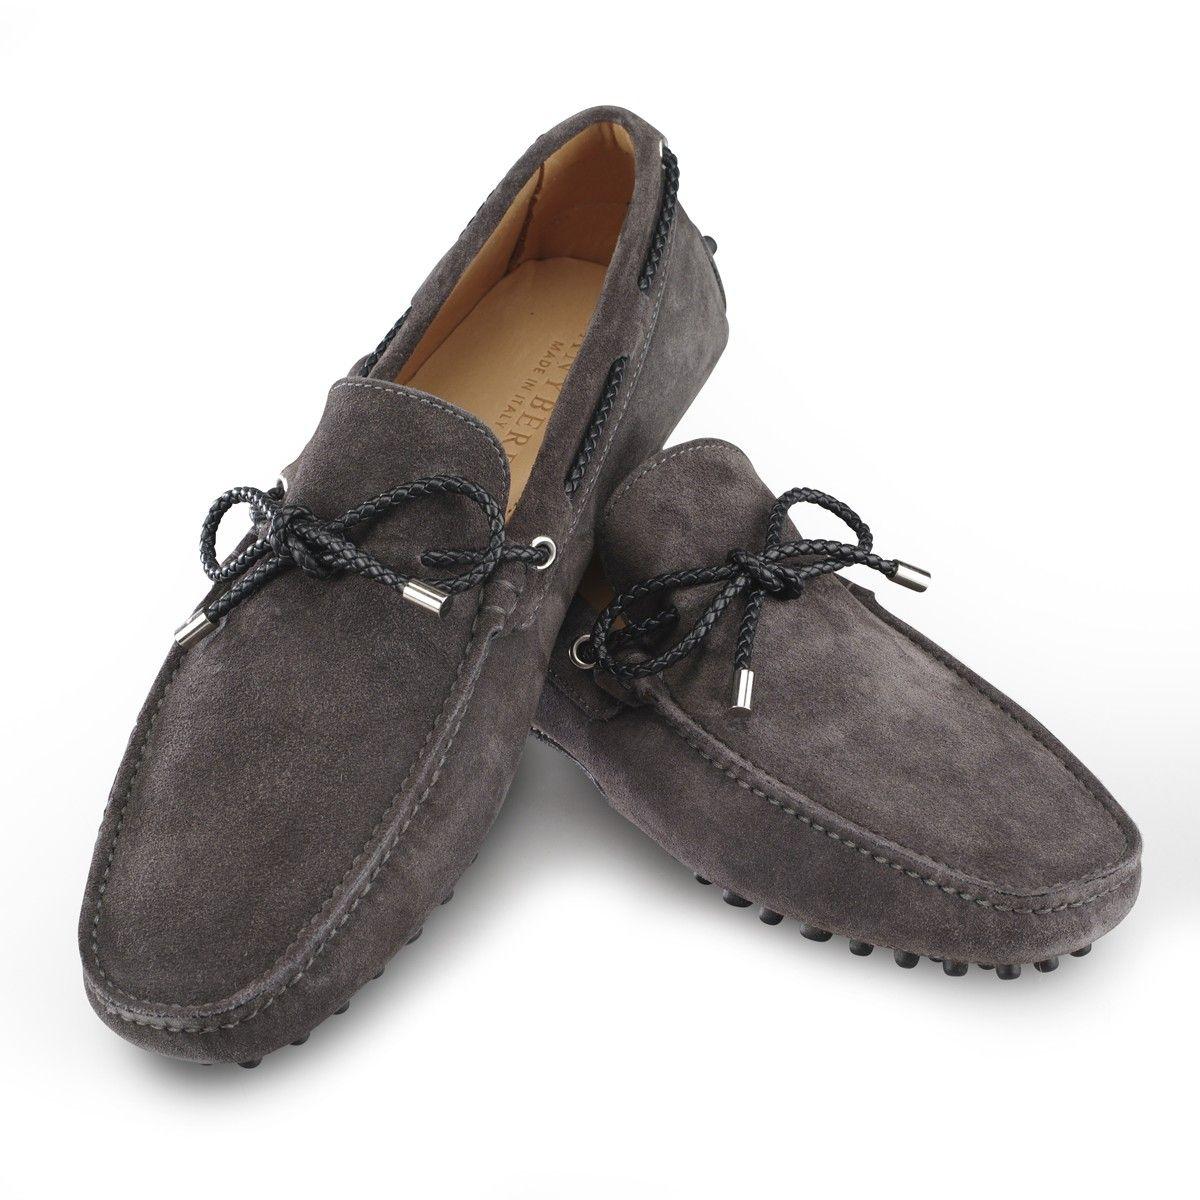 93702fa9f41fd Mocassin Homme en daim LAVAGNA   shoes   Shoes, Mens fashion, Latest ...